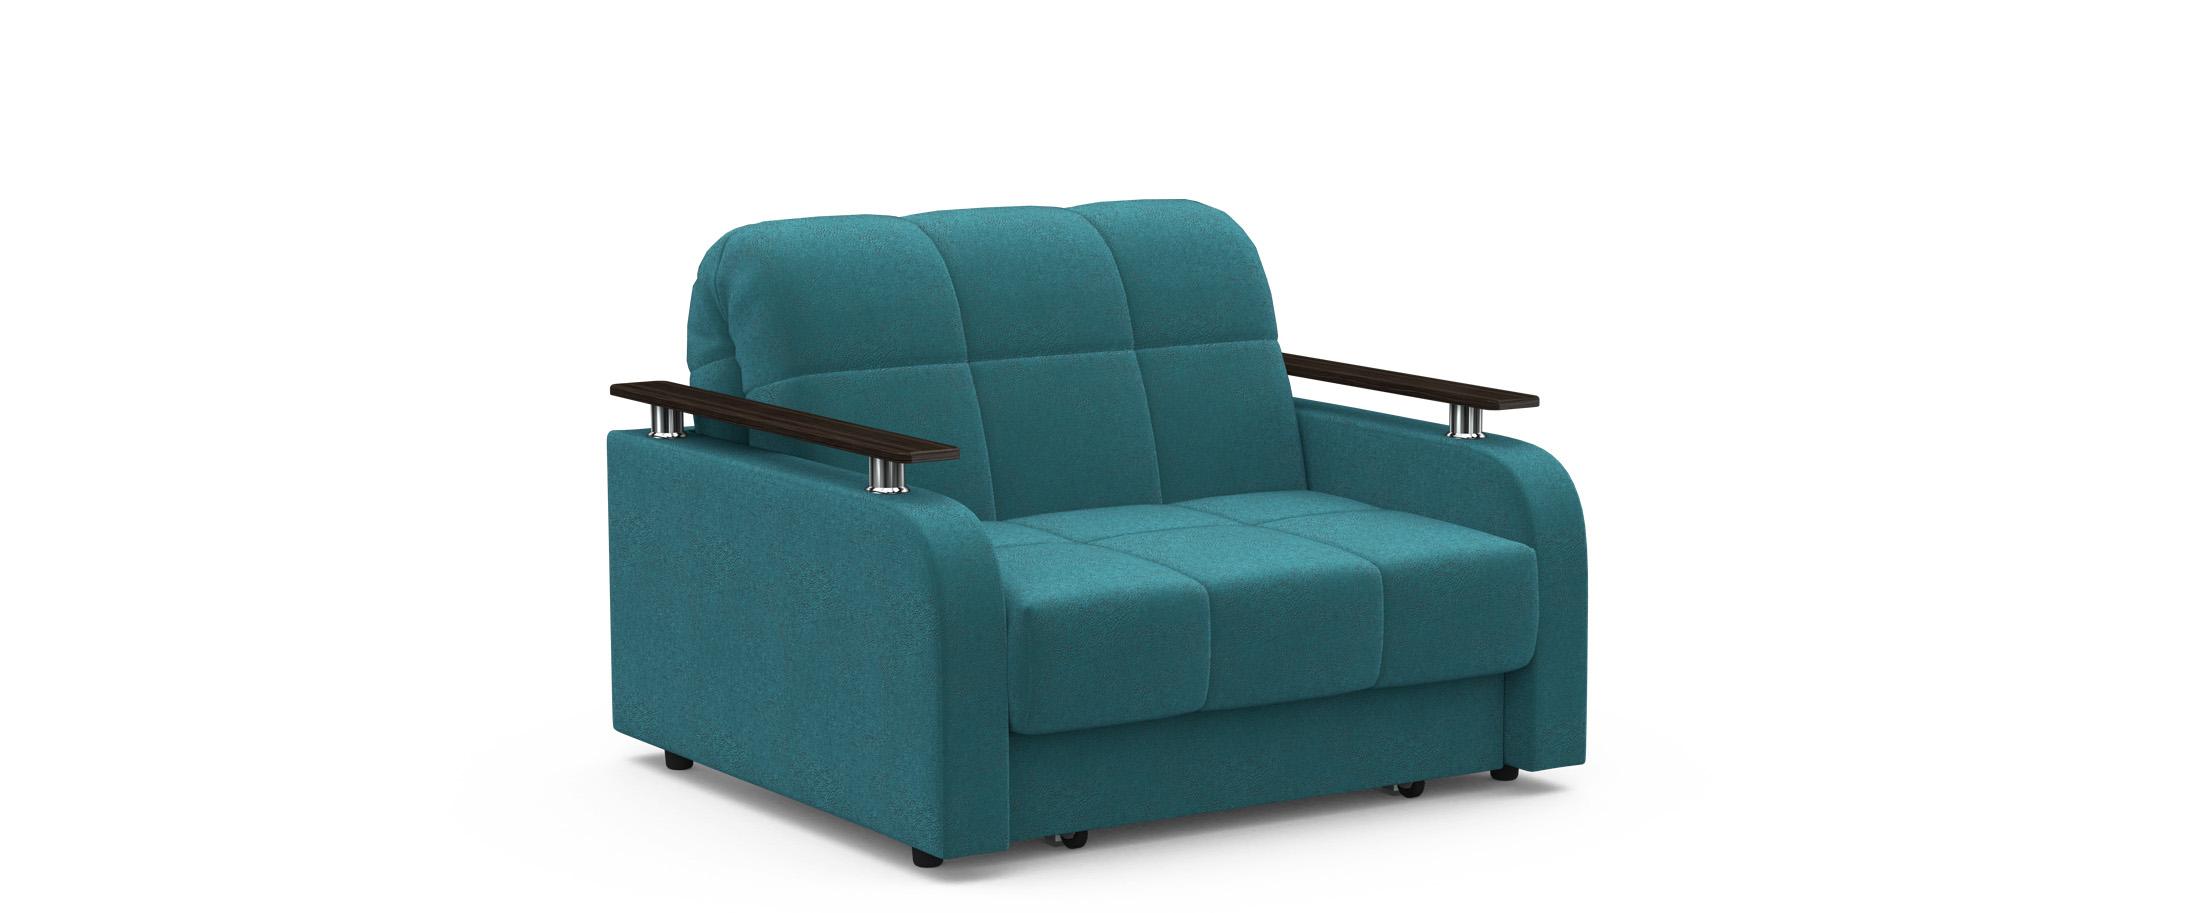 Кресло раскладное Карина 044Купить тёмно-зелёное кресло-кровать Карина 044. Доставка от 1 дня. Подъём, сборка, вынос упаковки. Гарантия 18 месяцев. Интернет-магазин мебели MOON TRADE.<br>